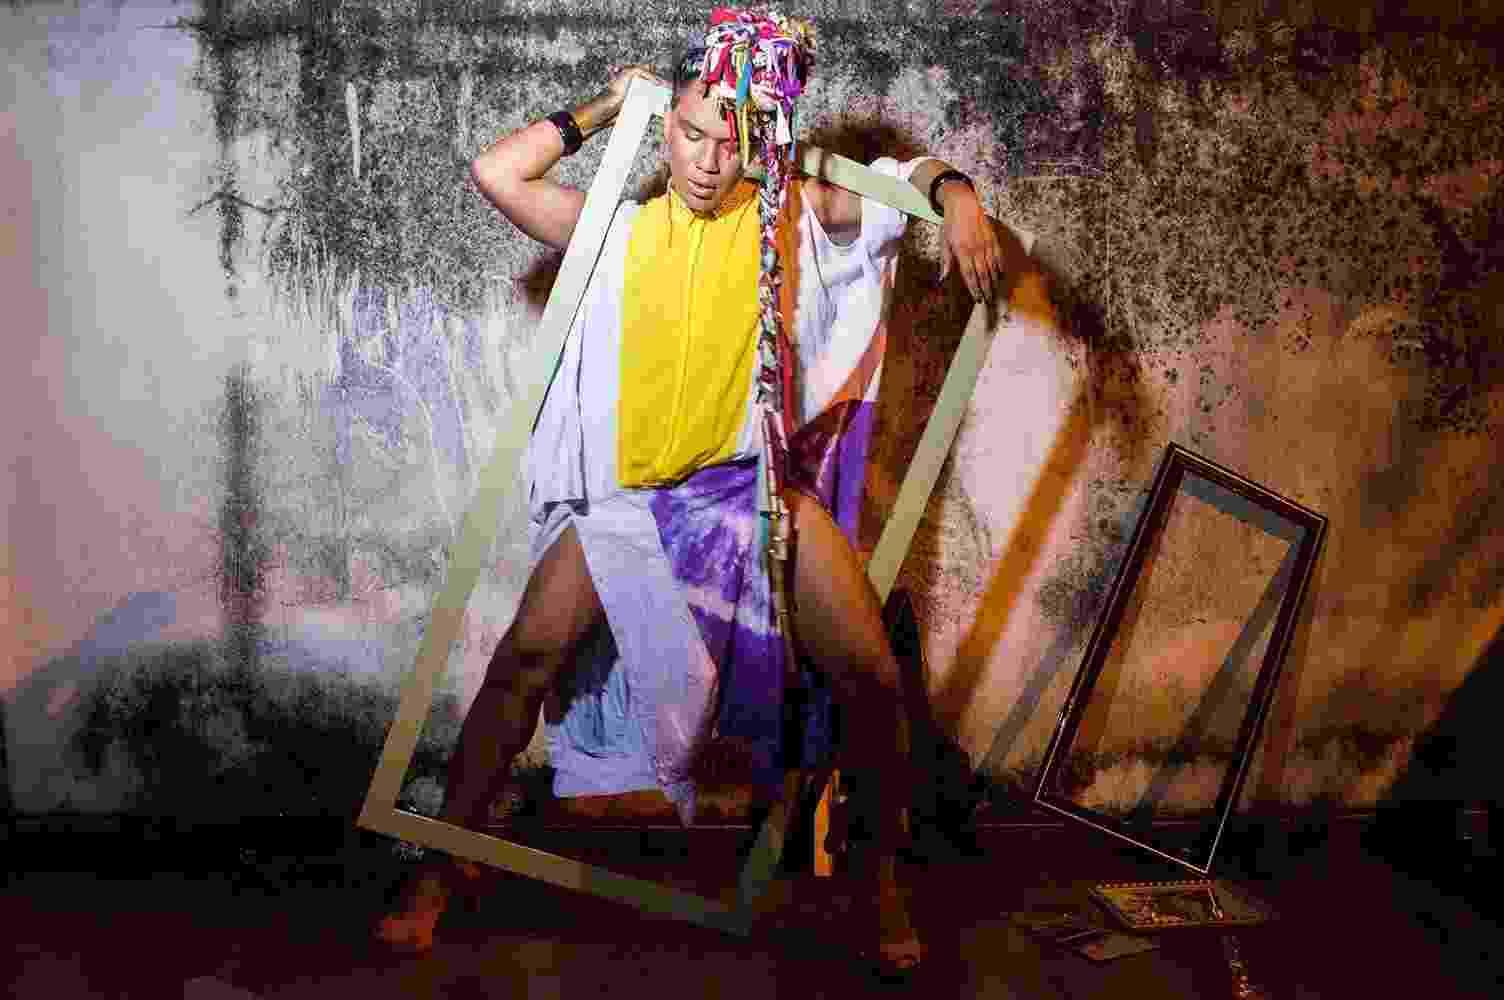 Vicente Perrota faz roupas novas a partir de peças descartadas - Rafael Kennedy e Carlos Poblete/Bapho Produções/Divulgação